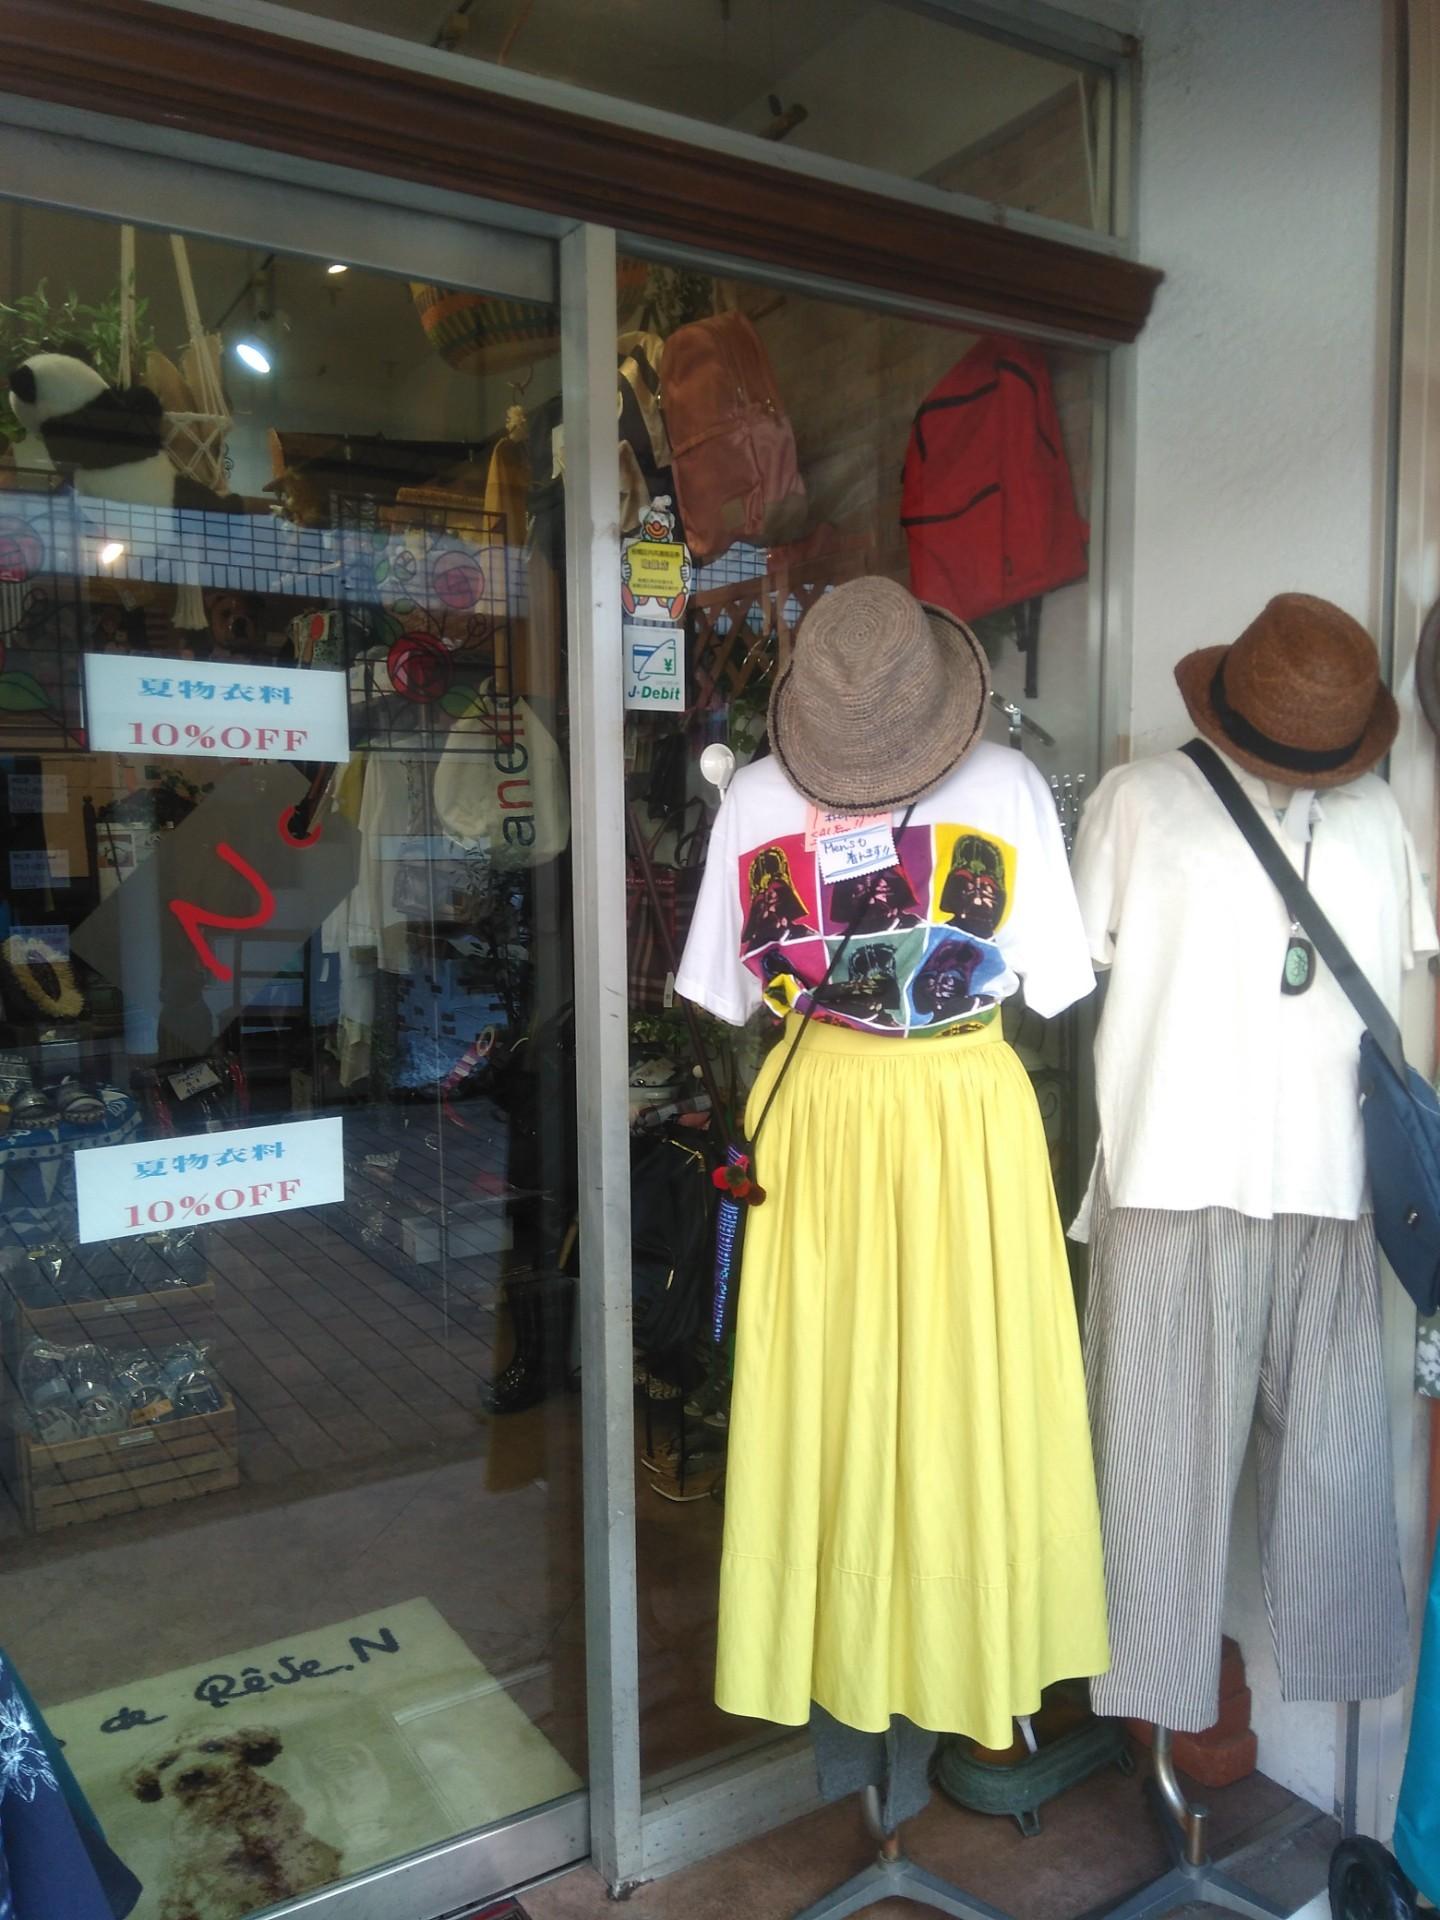 雑貨店 夏物衣料 10%OFF_a0286901_15165509.jpg